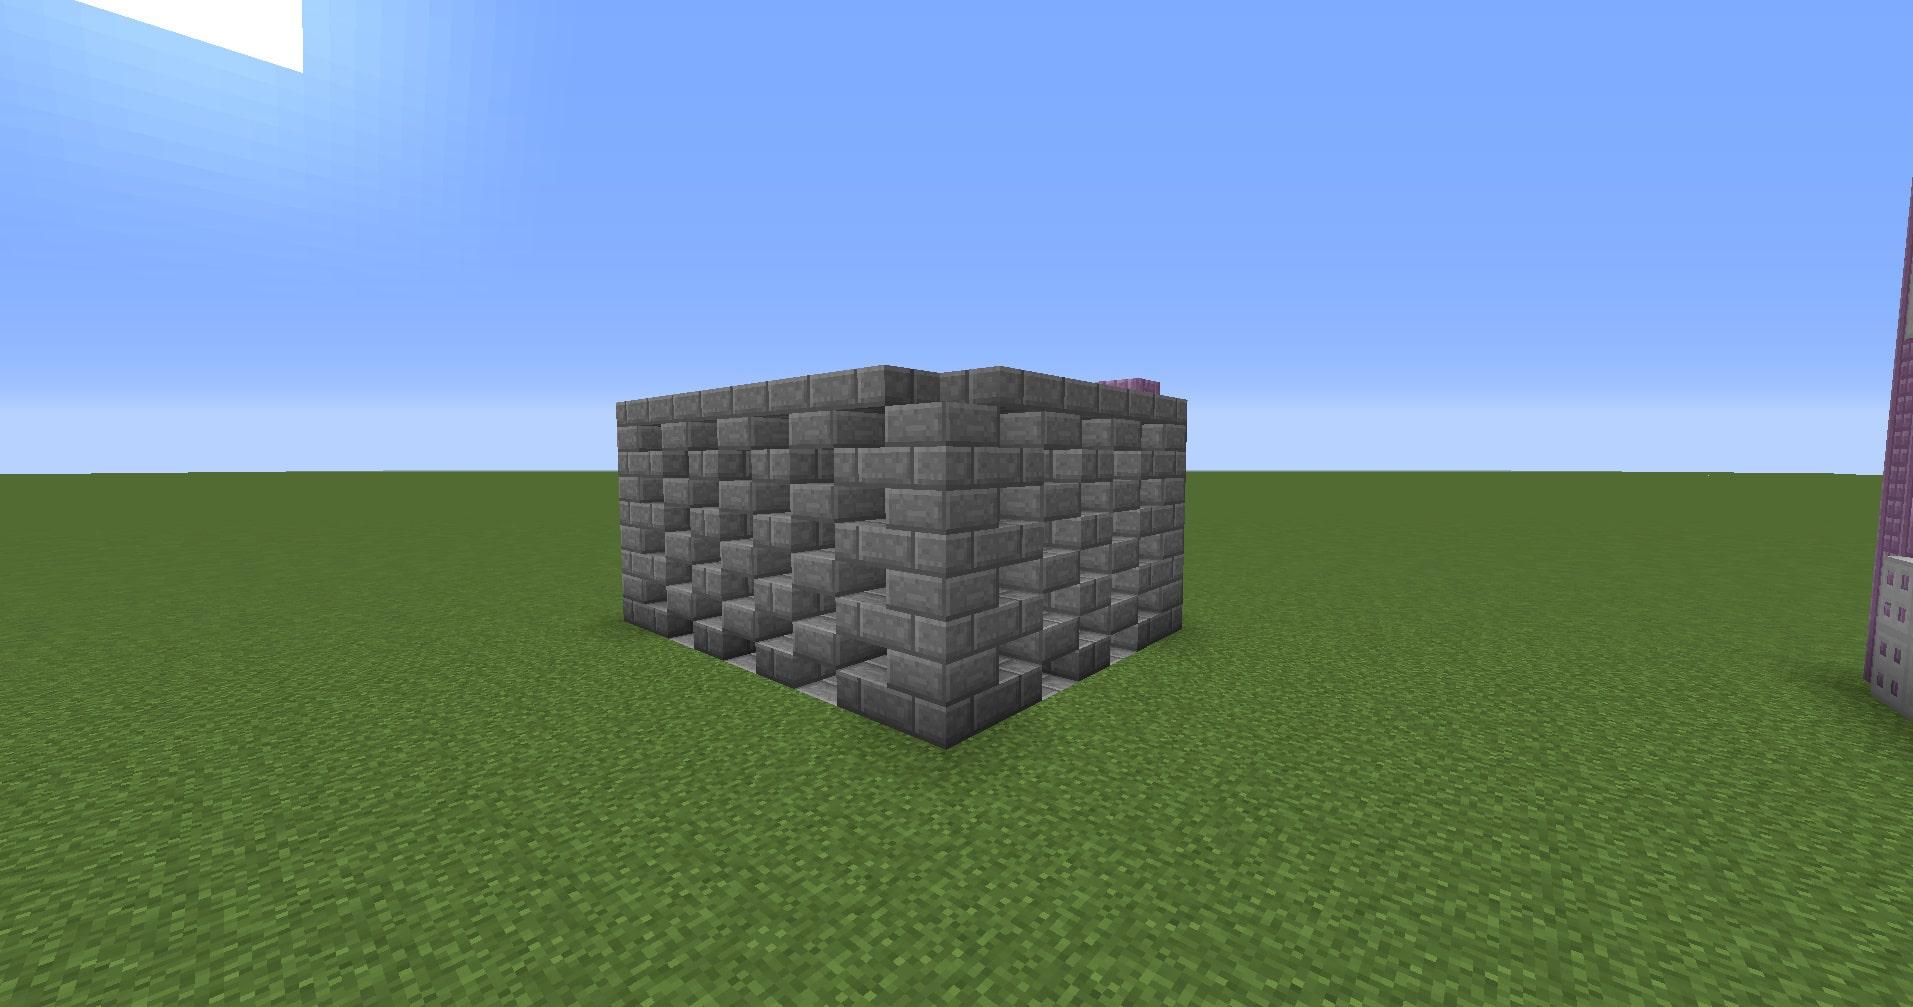 マインクラフト攻略 ハーフブロックの使い方